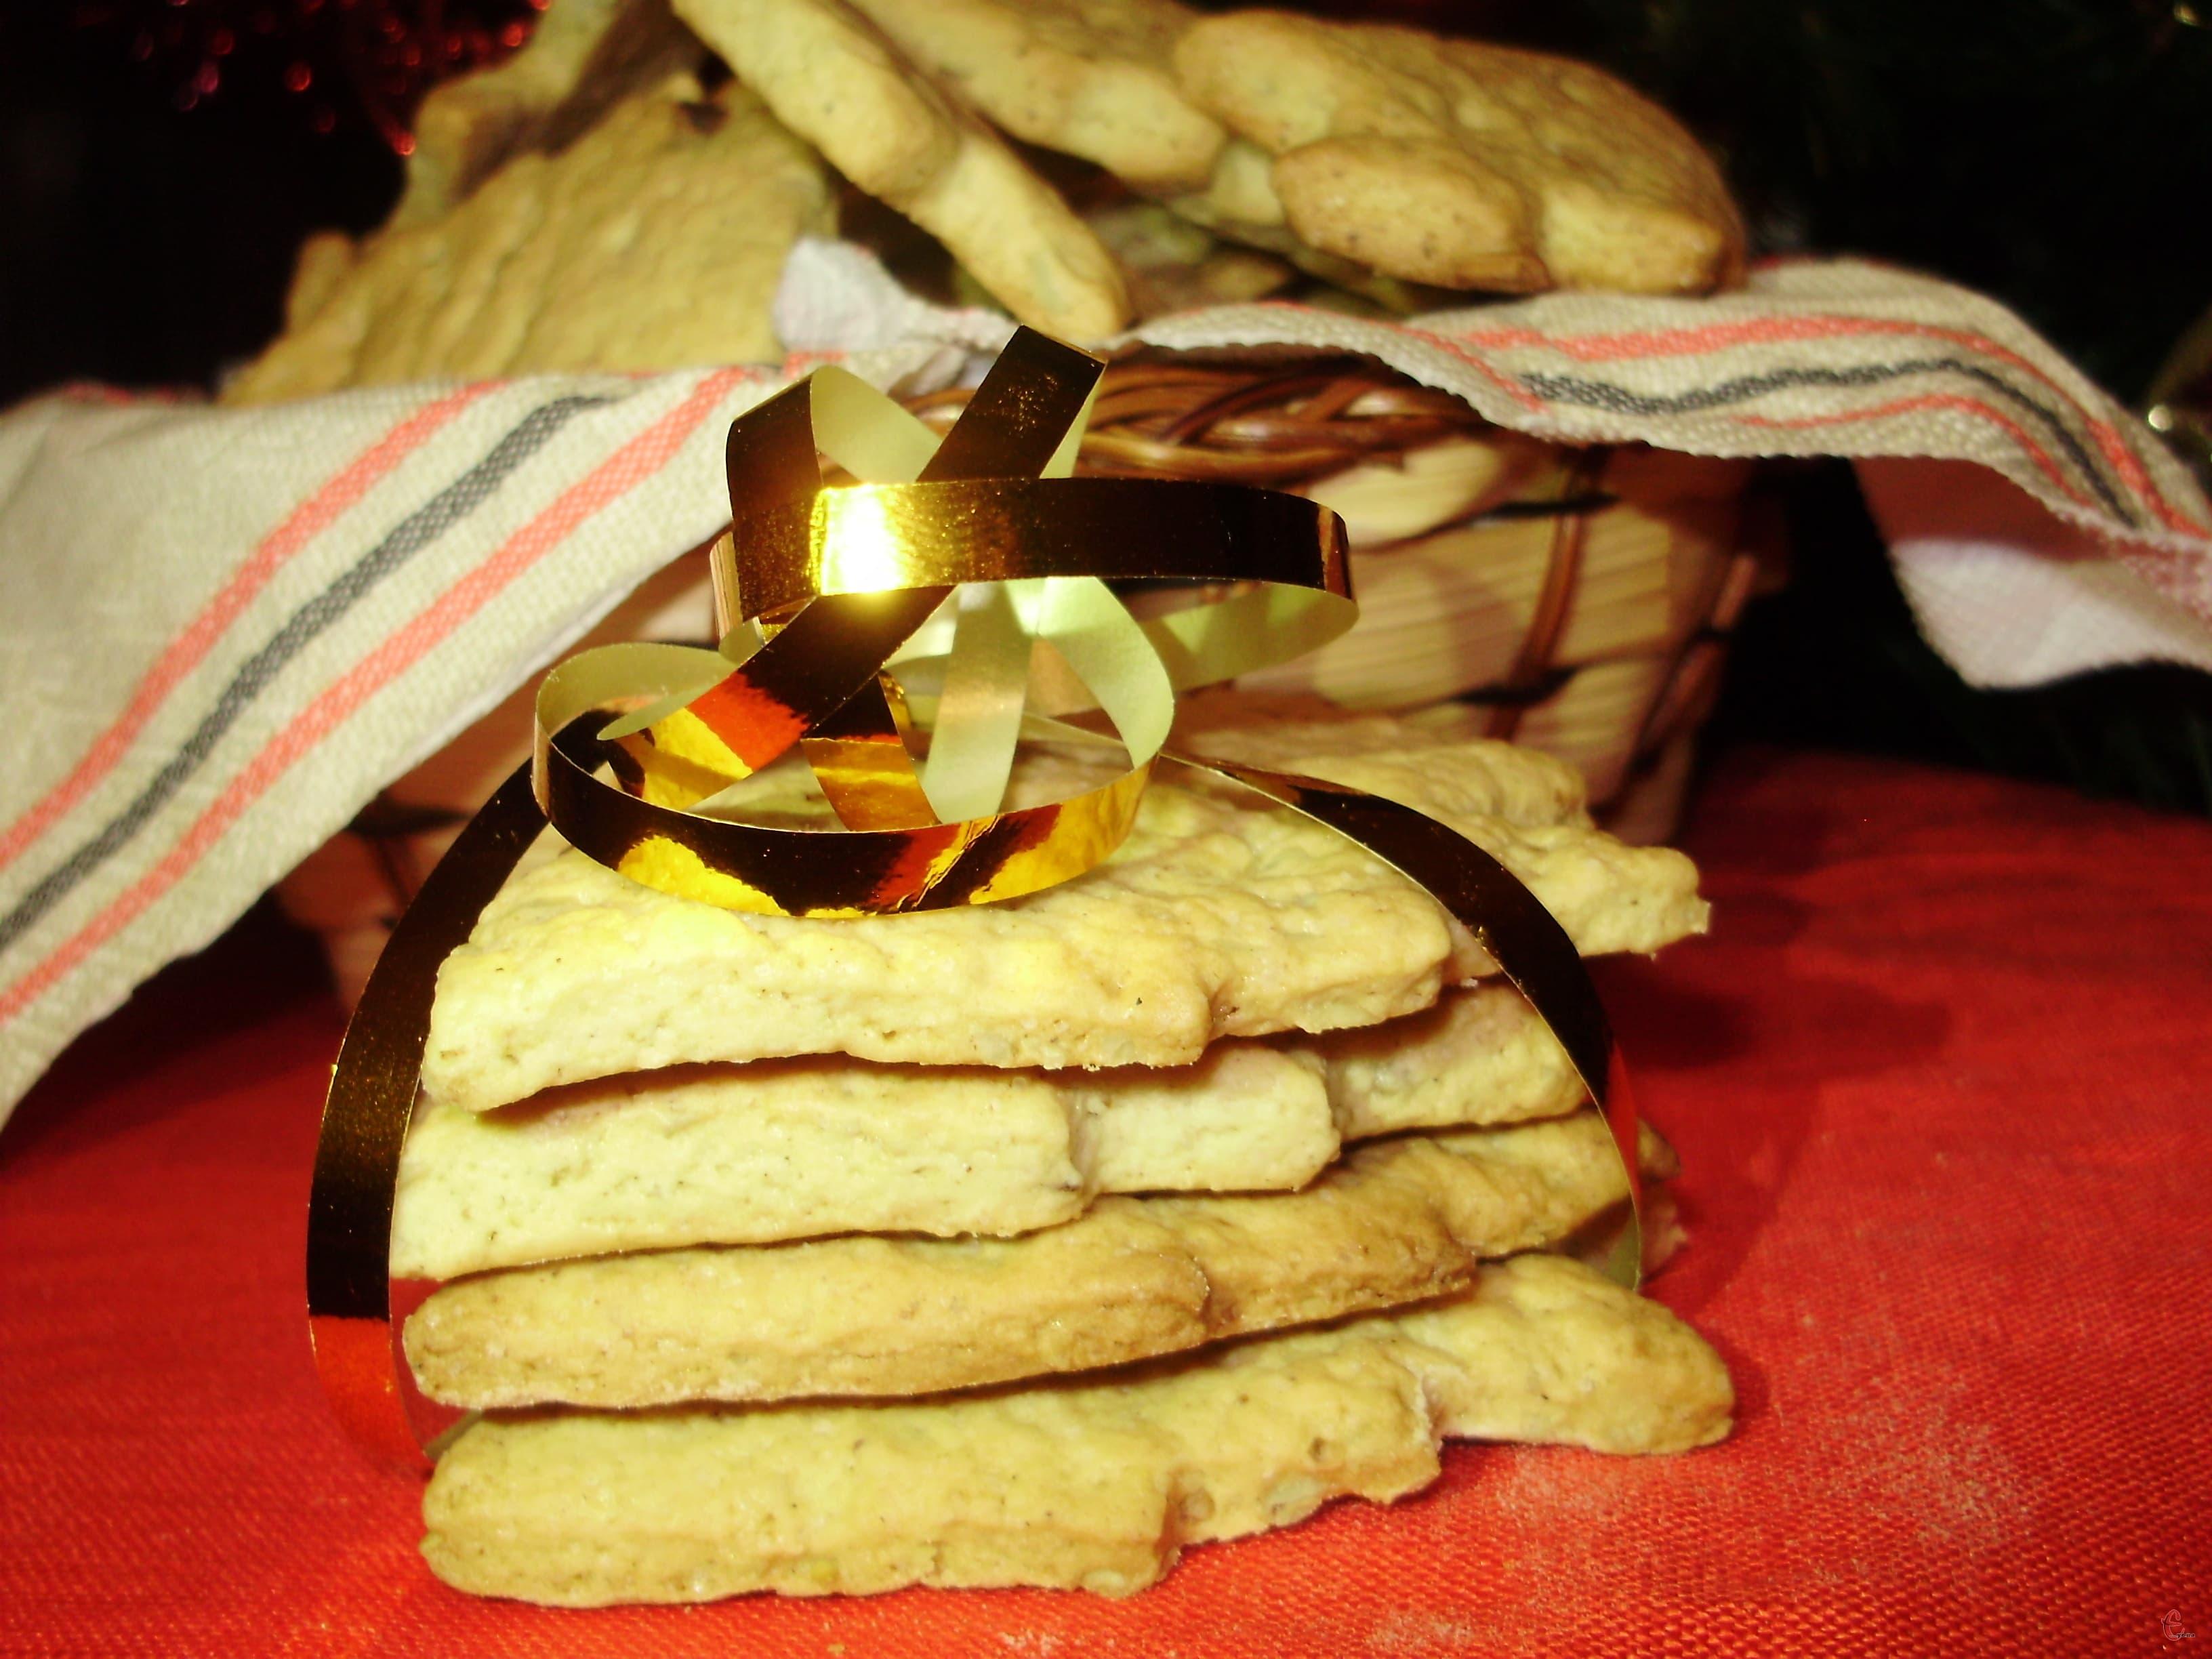 В багатьох країнах ці пряні фігурні смаколики традиційно дарують дітям і прикрашають ними ялинку.